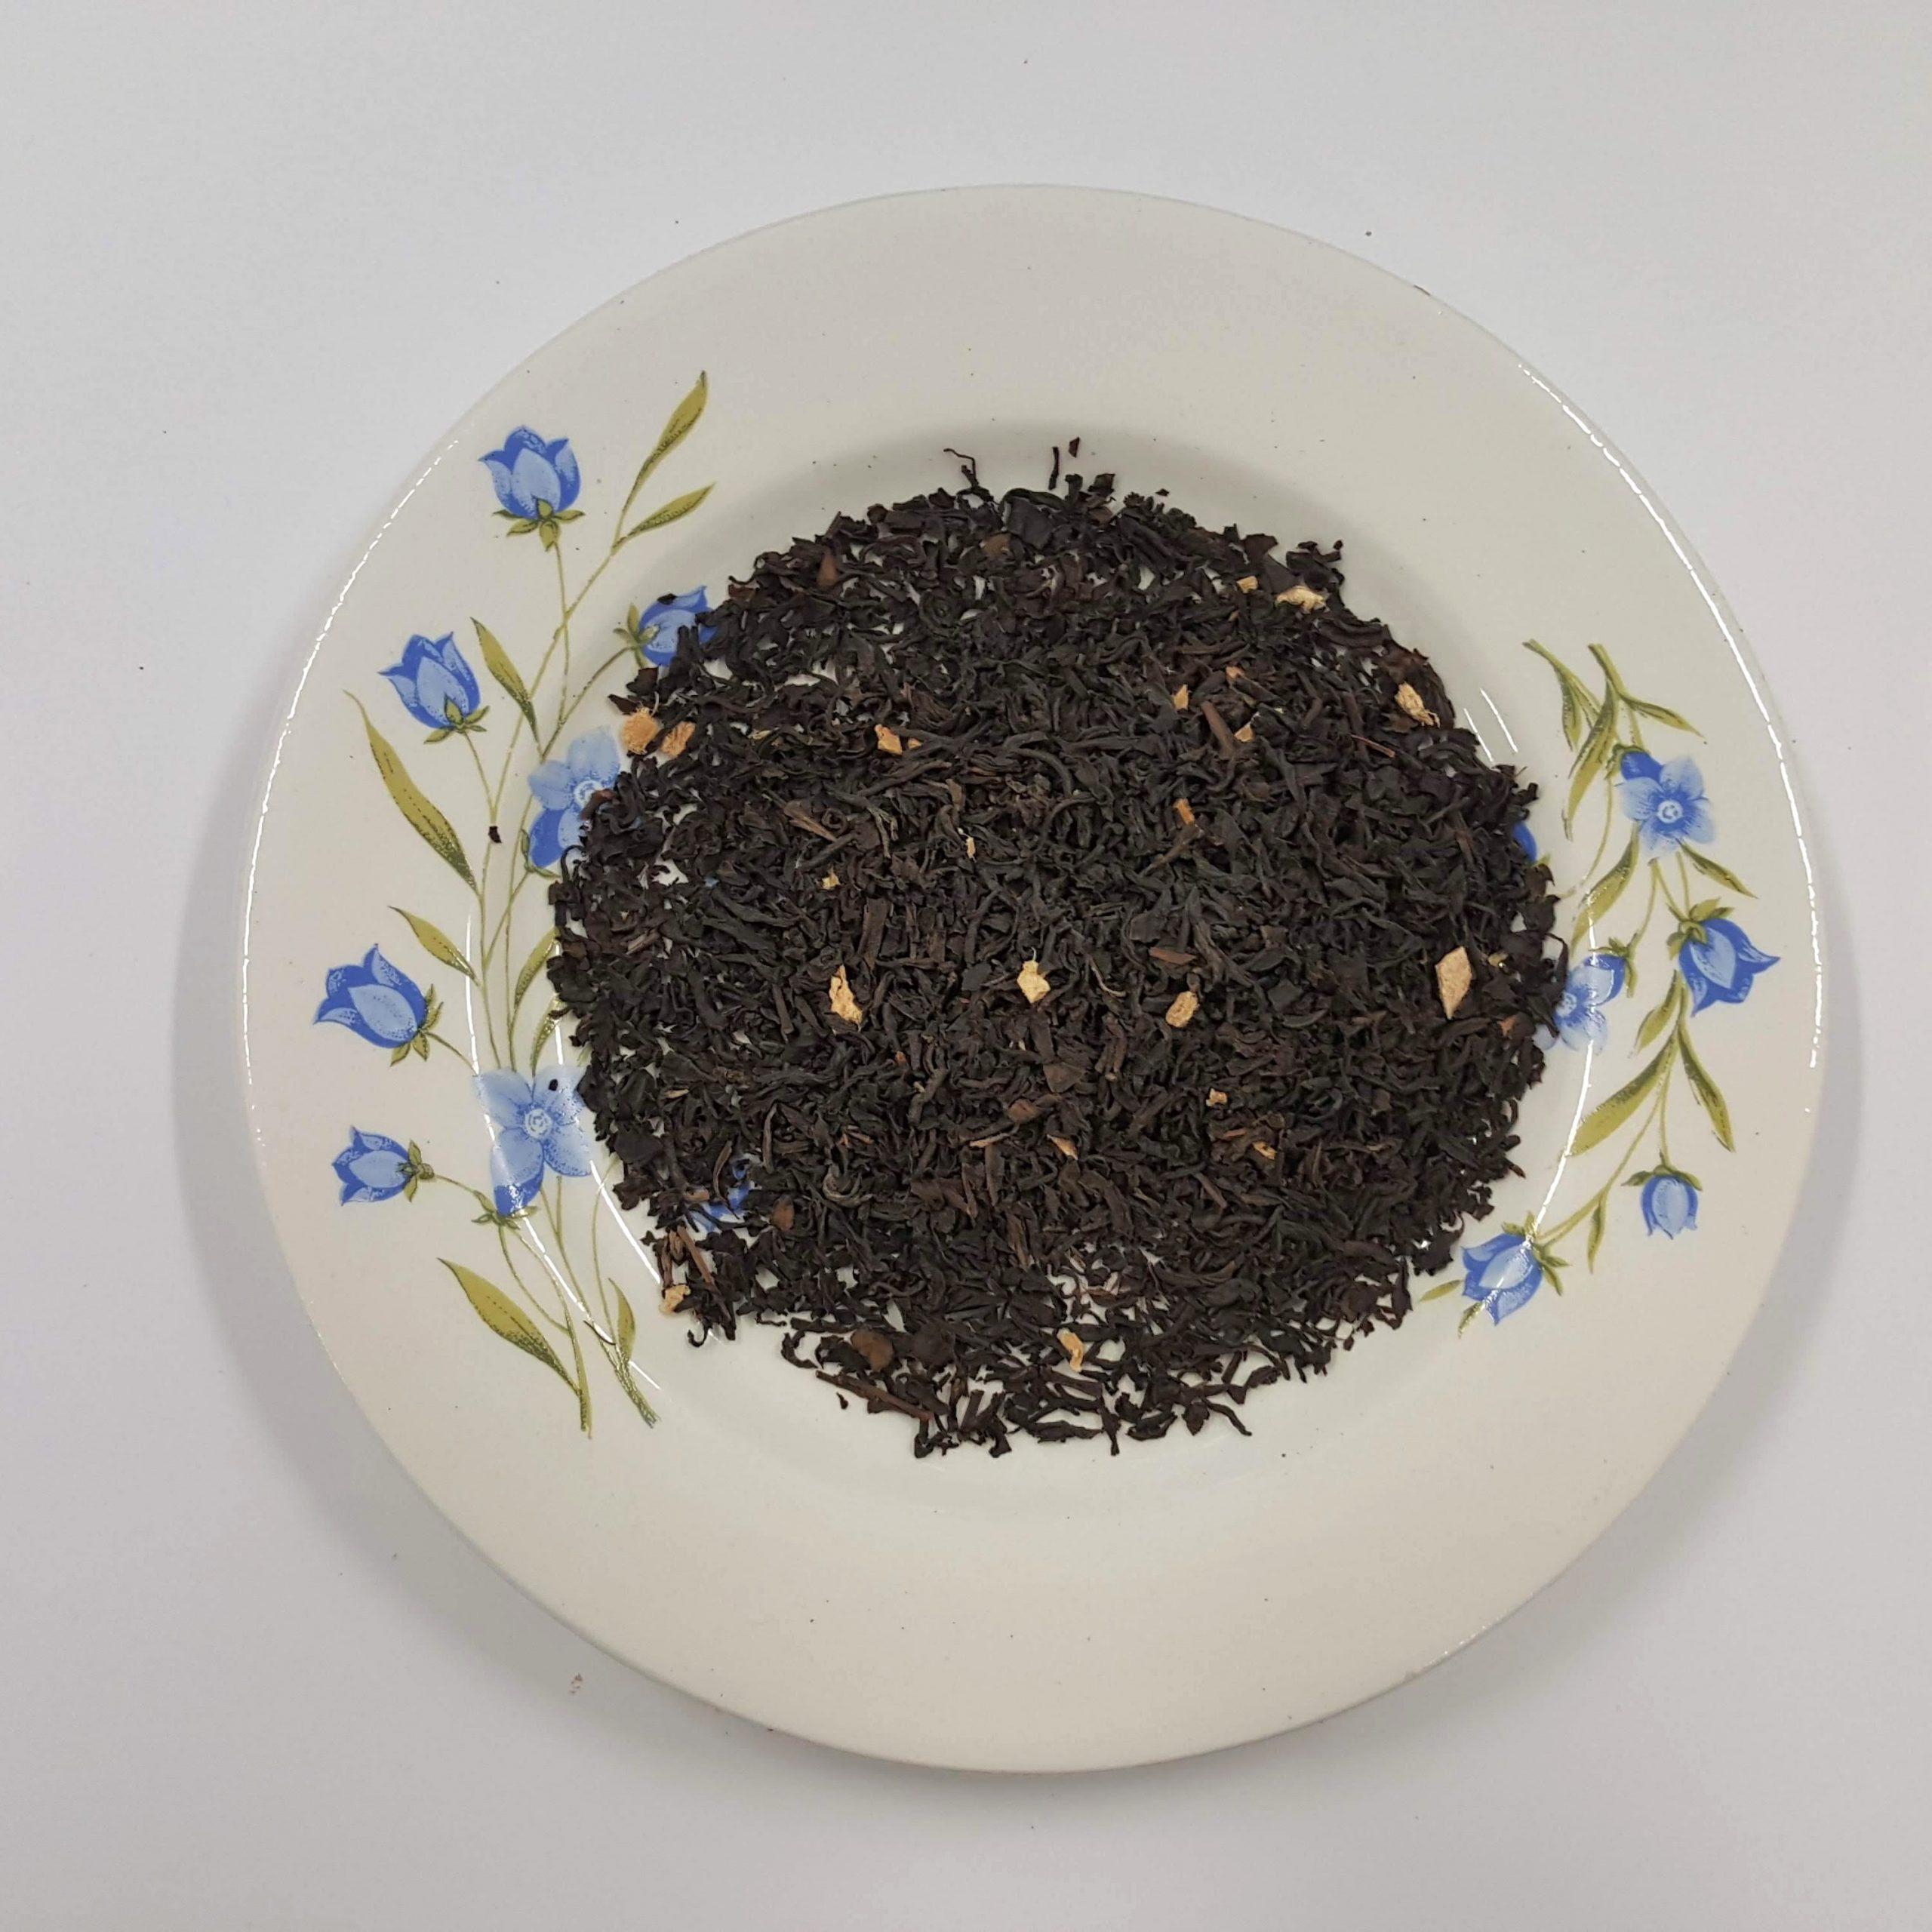 Ingefära, ekologiskt smaksatt svart te